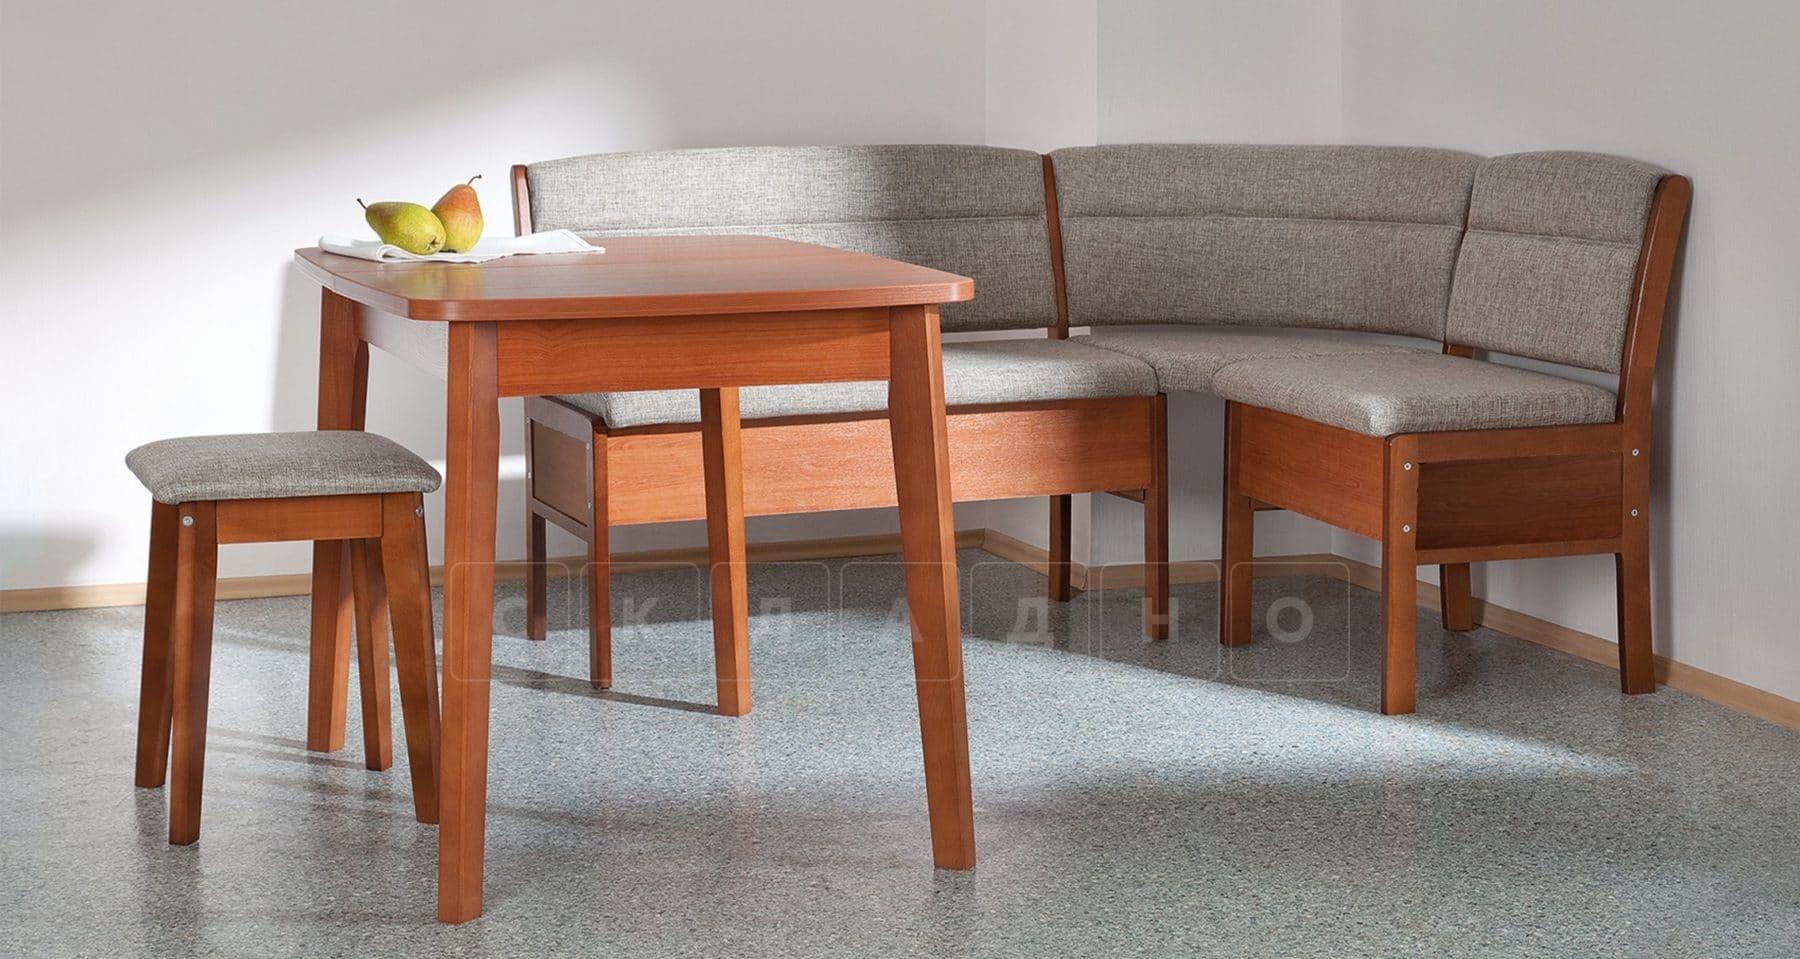 Кухонный уголок Этюд облегченный фото 2 | интернет-магазин Складно